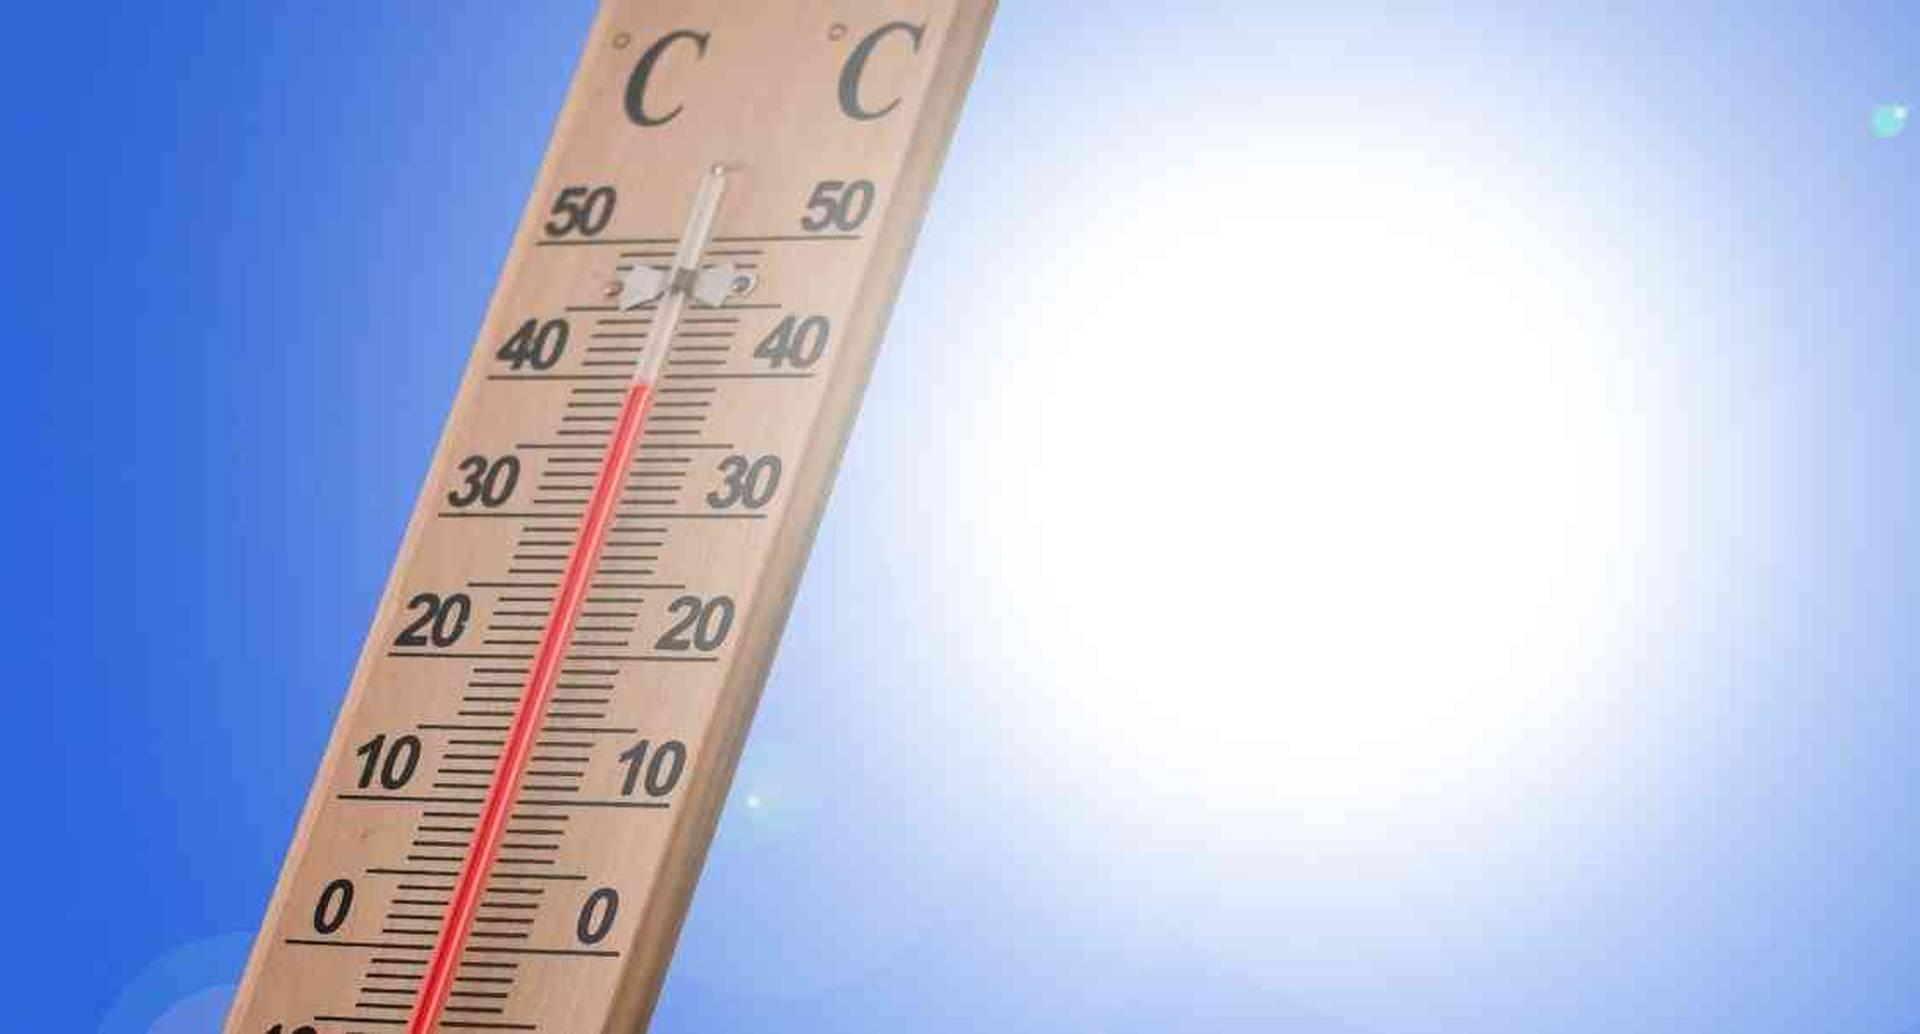 Que la temperatura en el mundo no suba más de 1.5 grados centígrados es la meta a la que le apuntan los gobiernos, las empresas y la sociedad civil. Foto: Pixabay